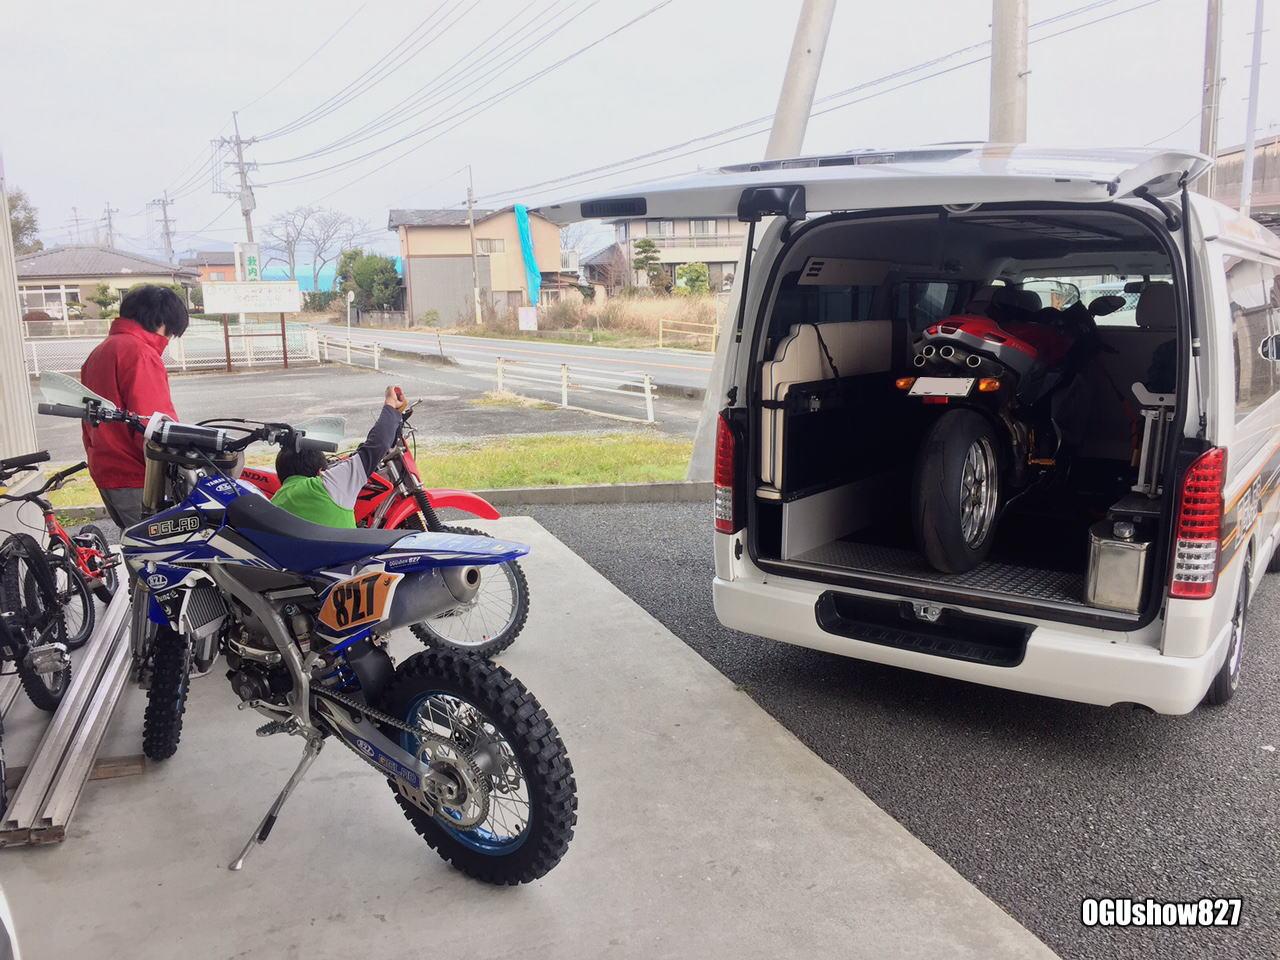 片面2段ベッドステップベッド搭載ハイエースデモカーにオフロードバイクを積んでHSR九州に行きますよ!